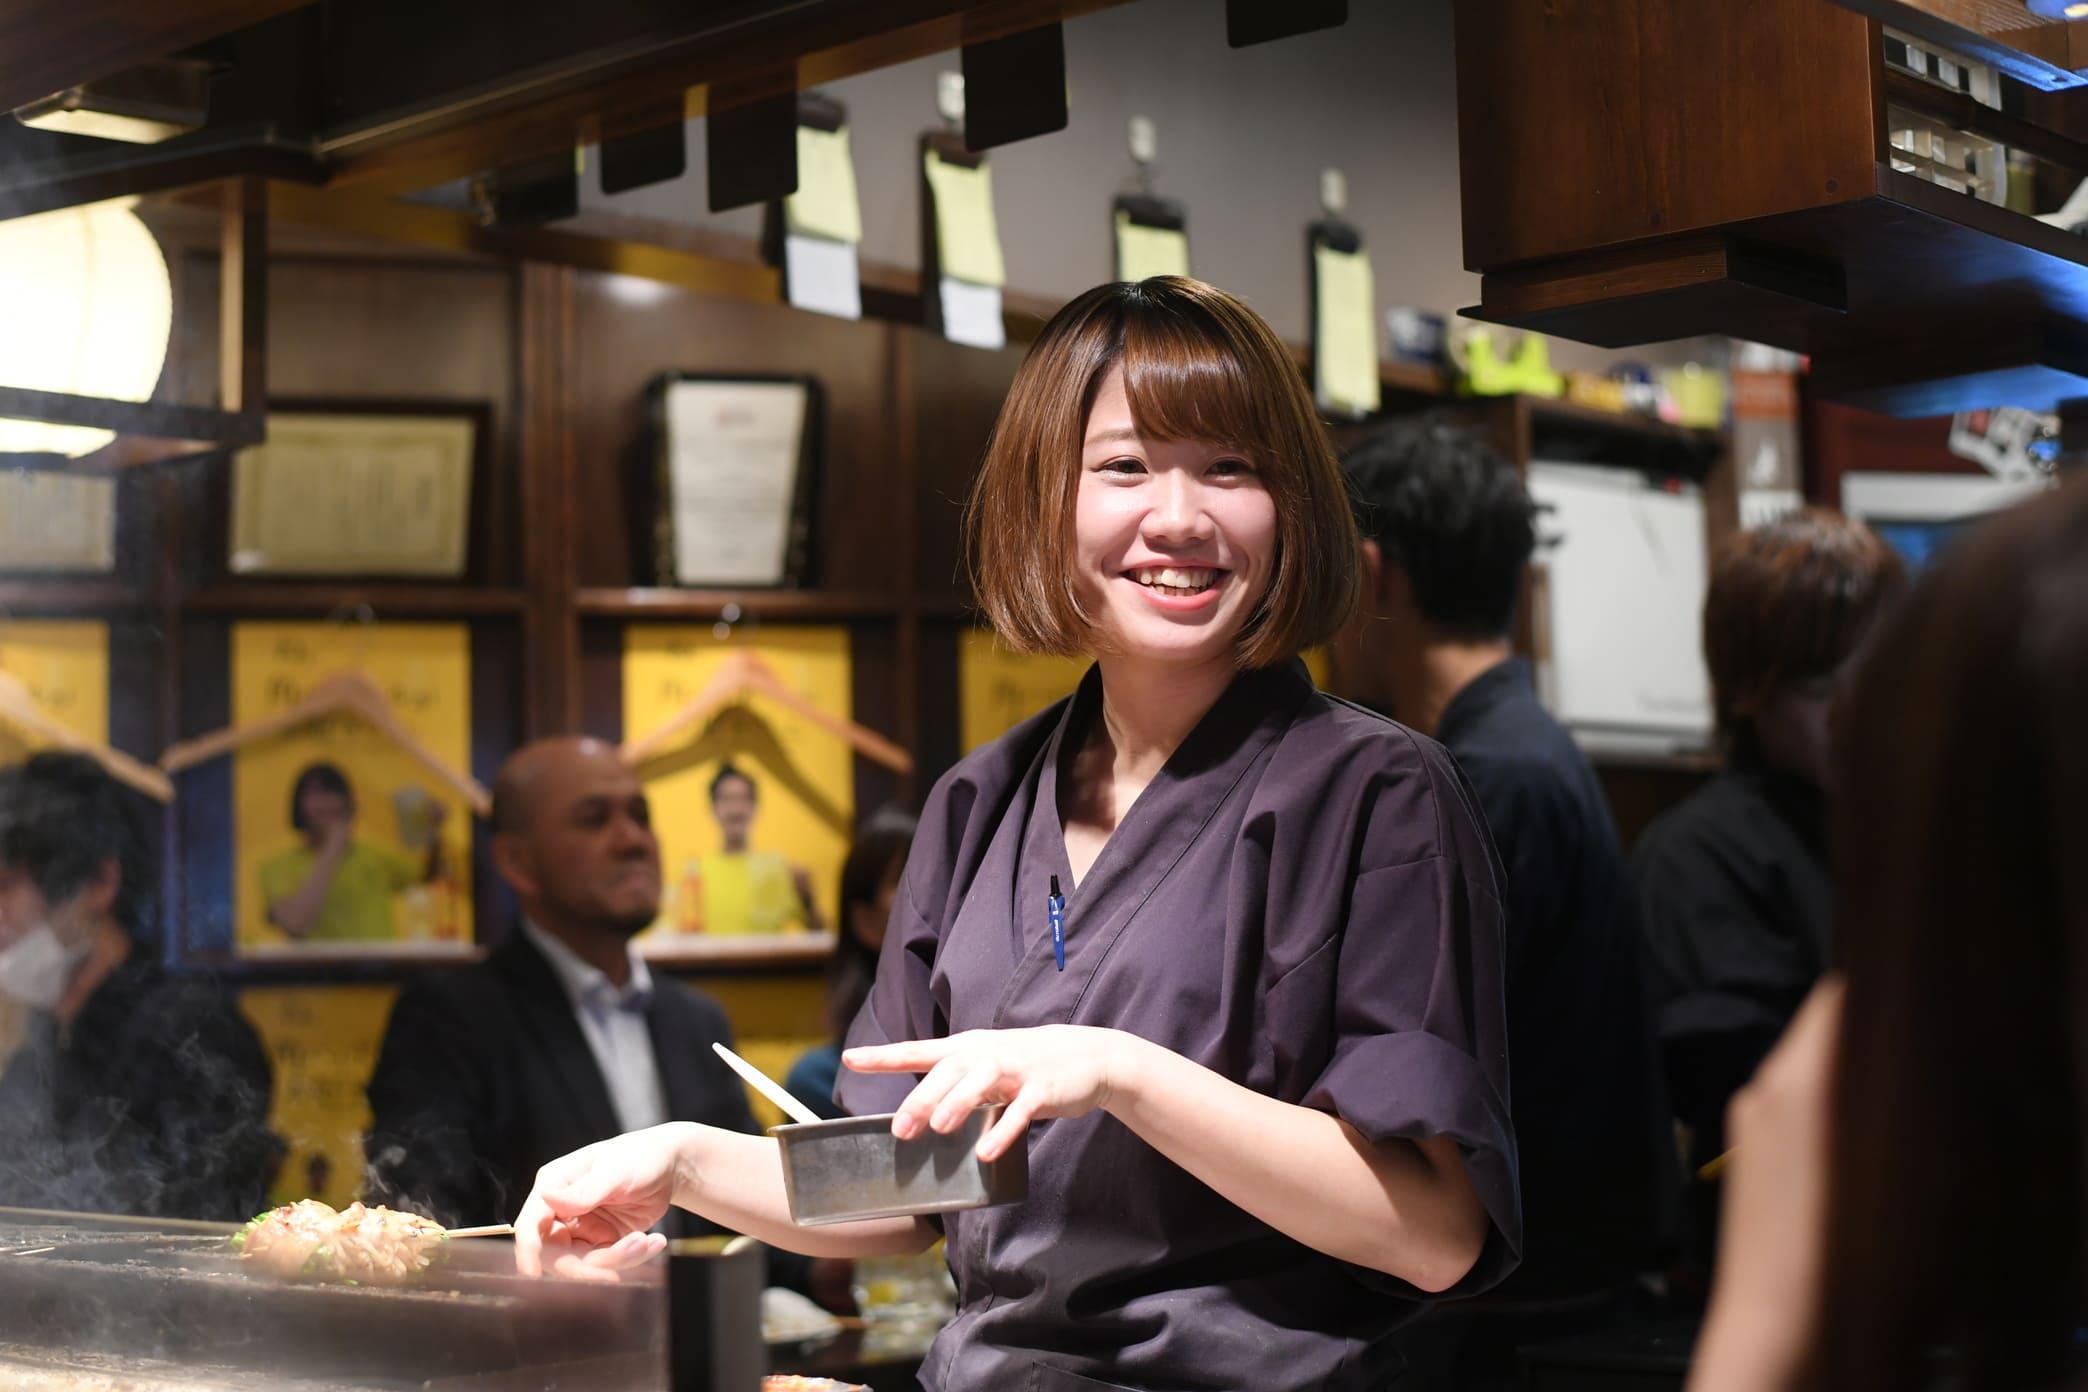 Shop owner3